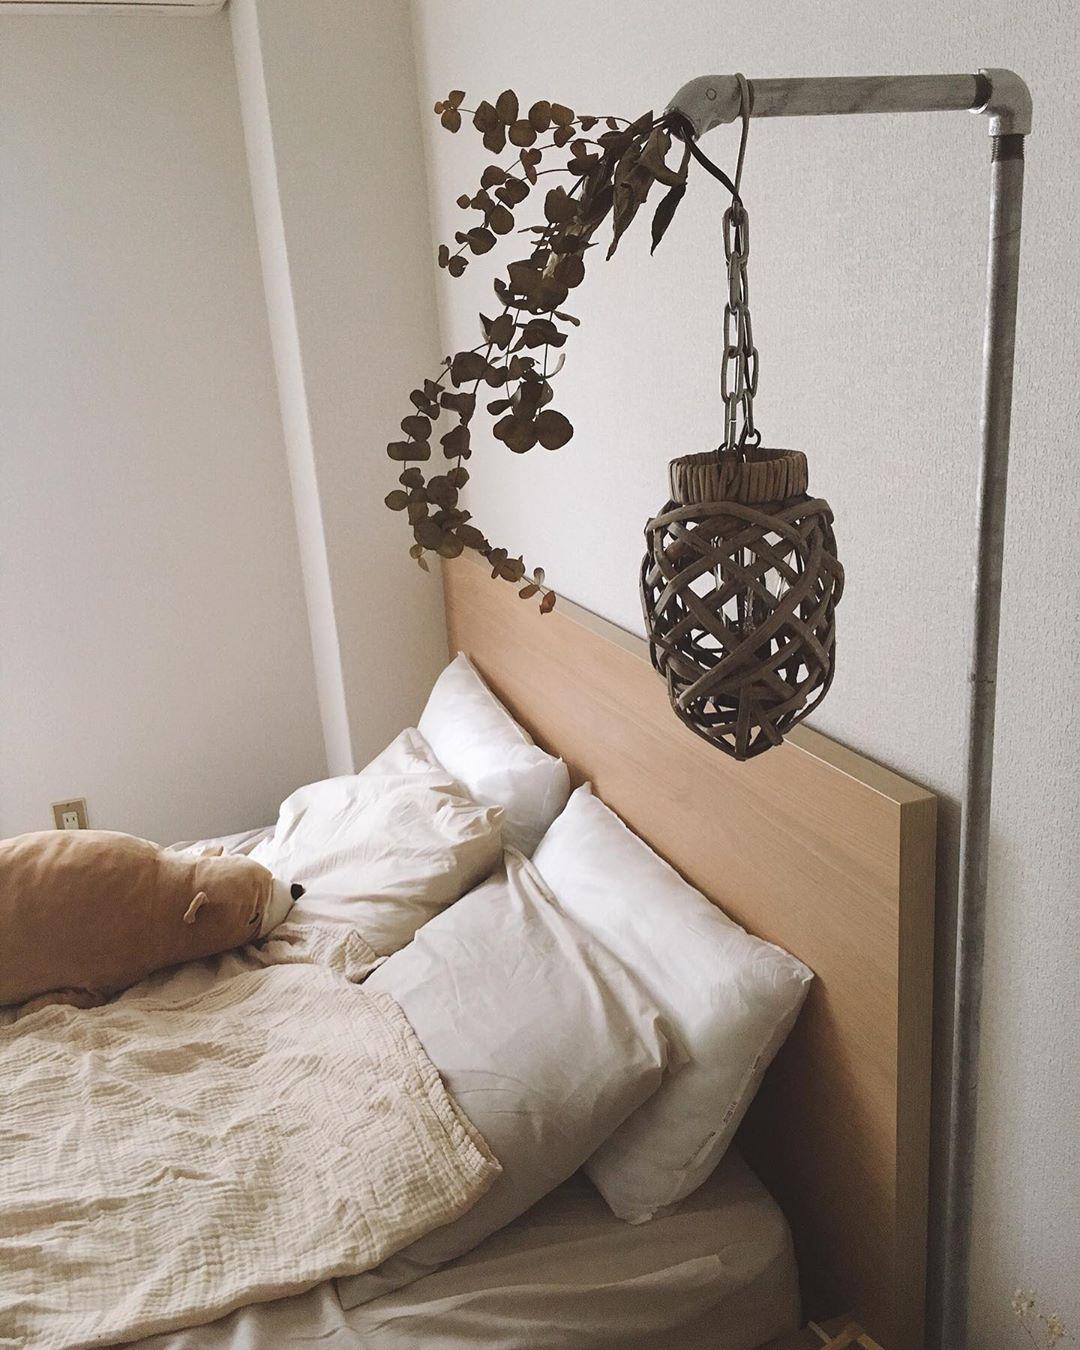 ベッドルームにあるおしゃれなスタンディングライトも、なんと手作り!単管パイプの中に電源コードが隠されています。